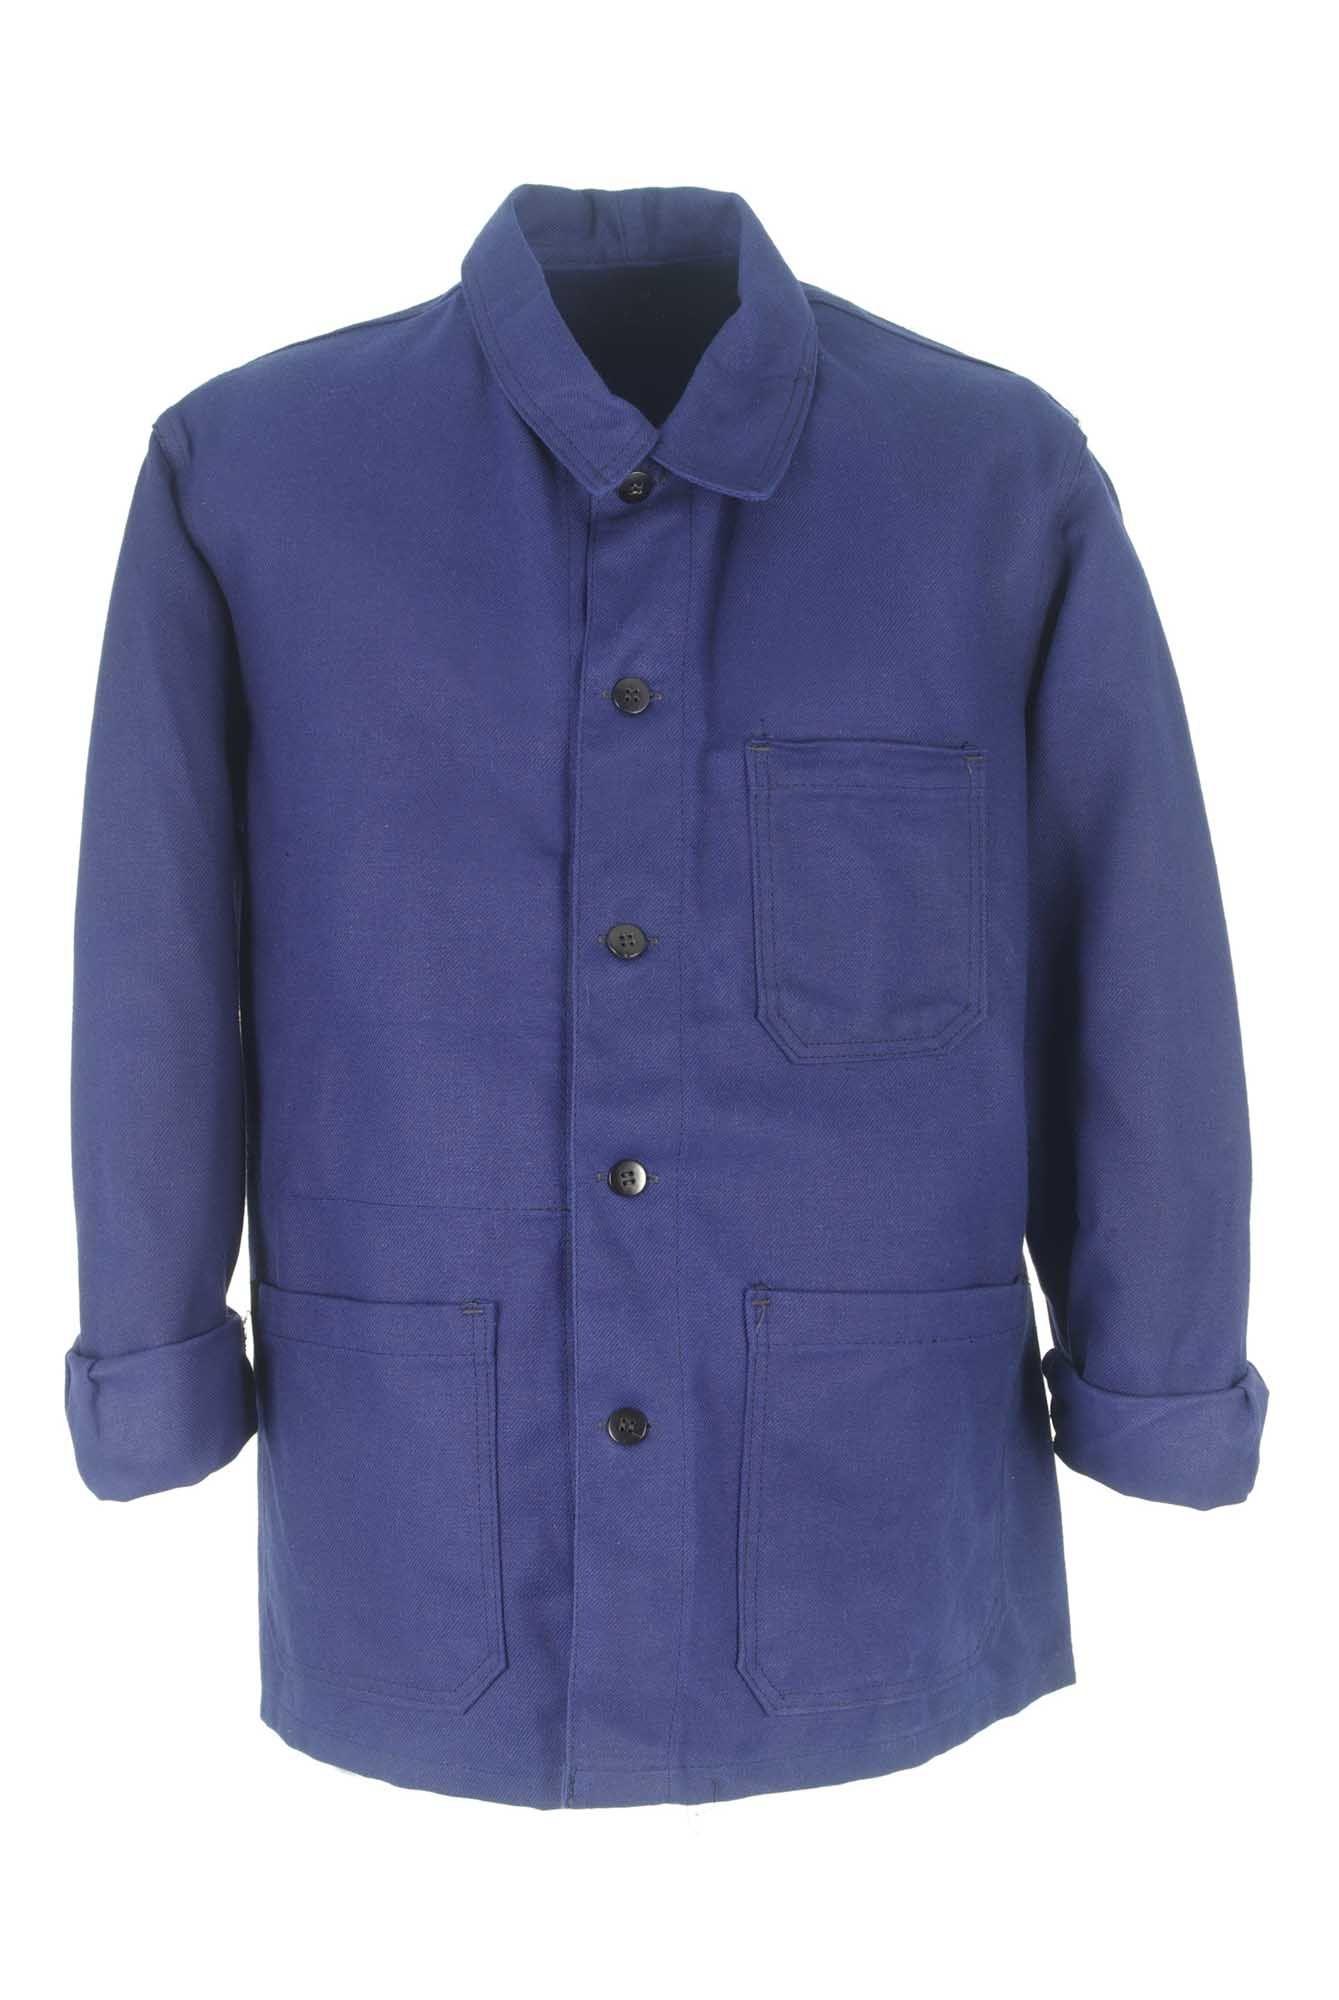 veste bleu de travail veste de travail homme chez be bop. Black Bedroom Furniture Sets. Home Design Ideas